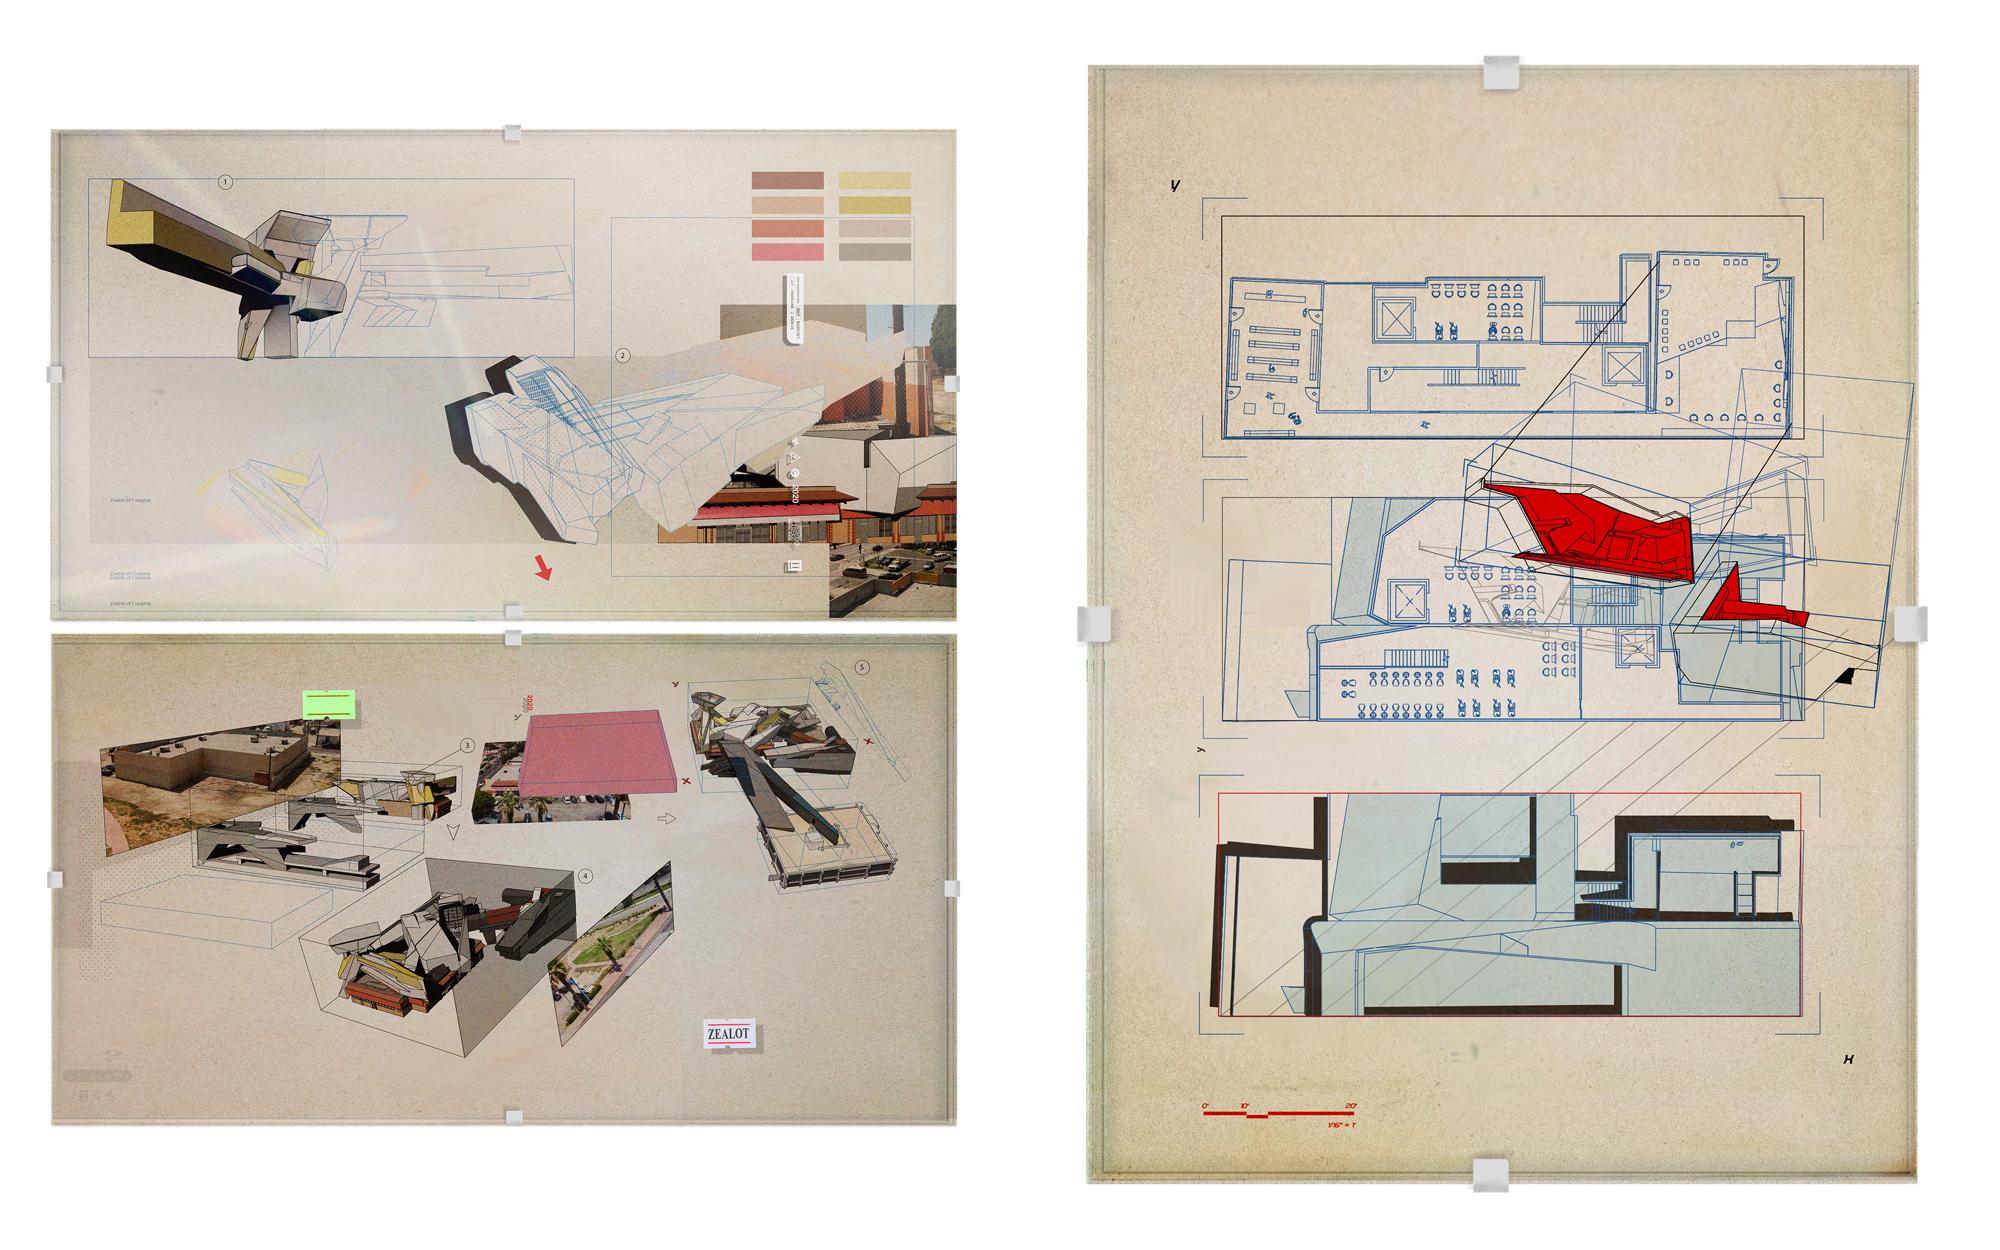 architecture board presentation sketches